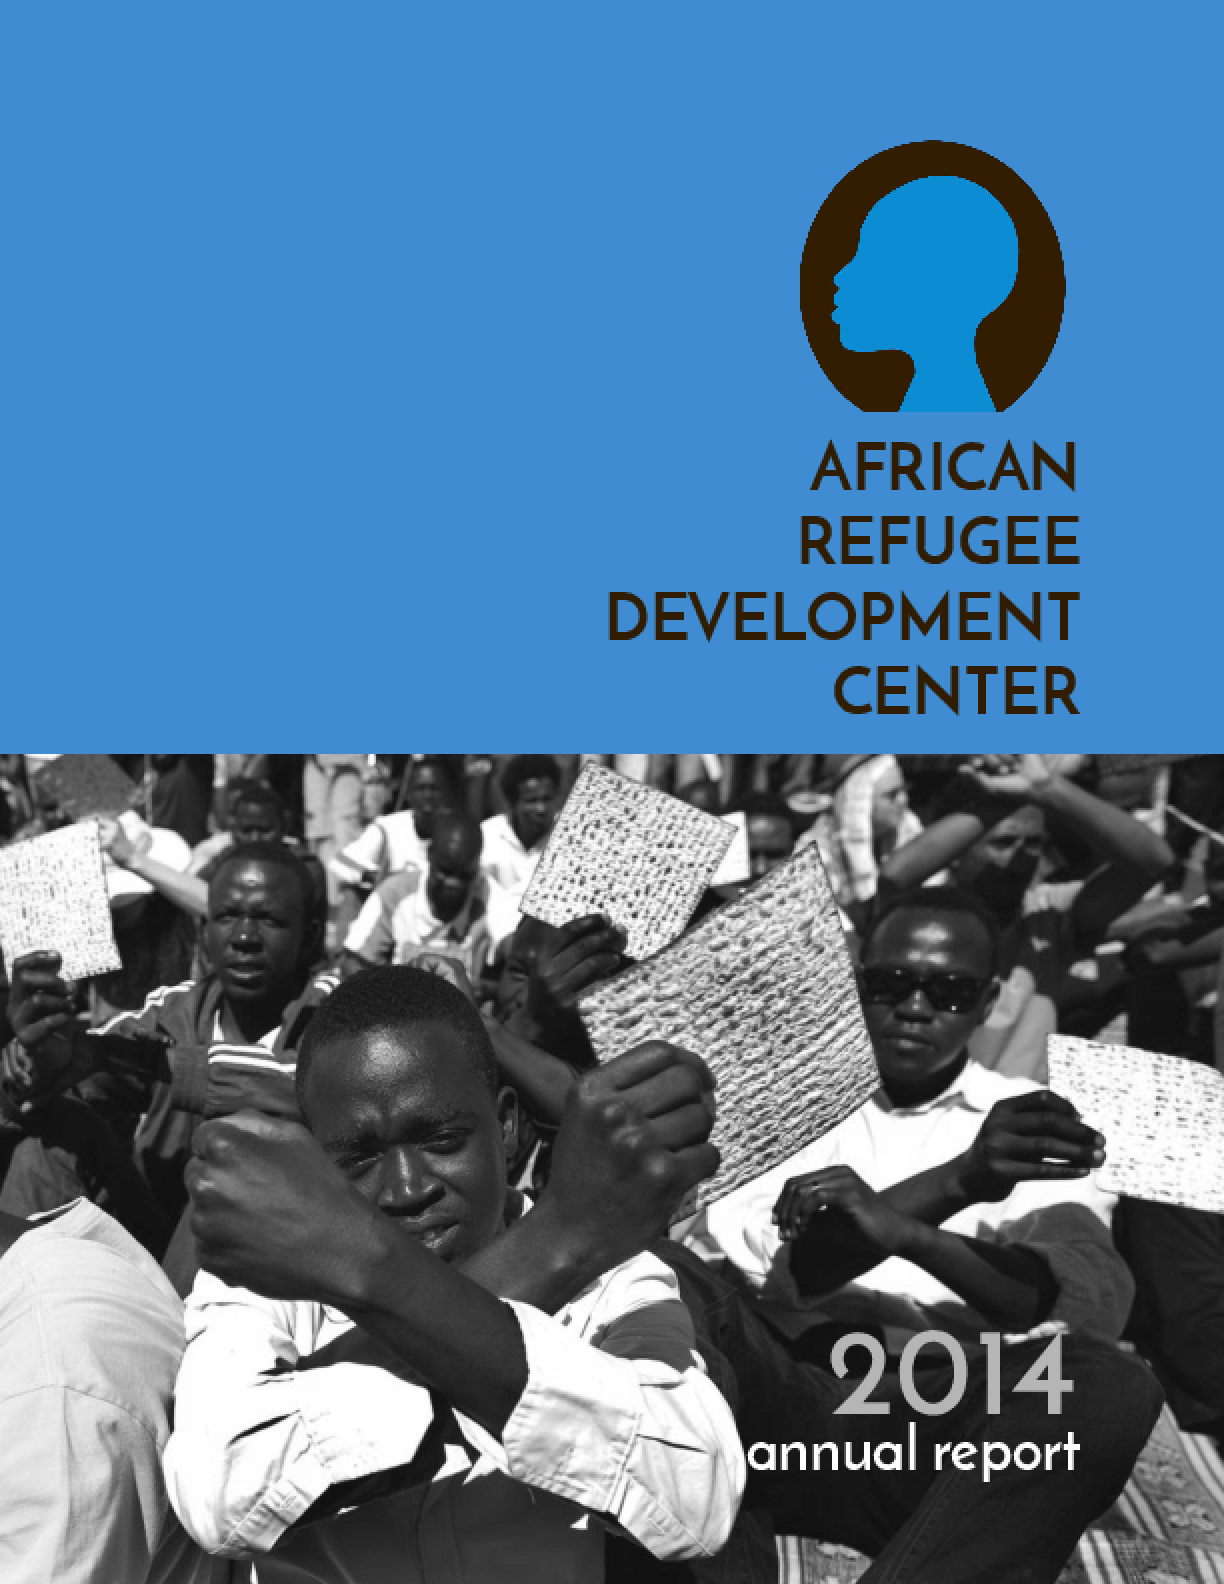 African Refugee Development Center: 2014 Annual Report